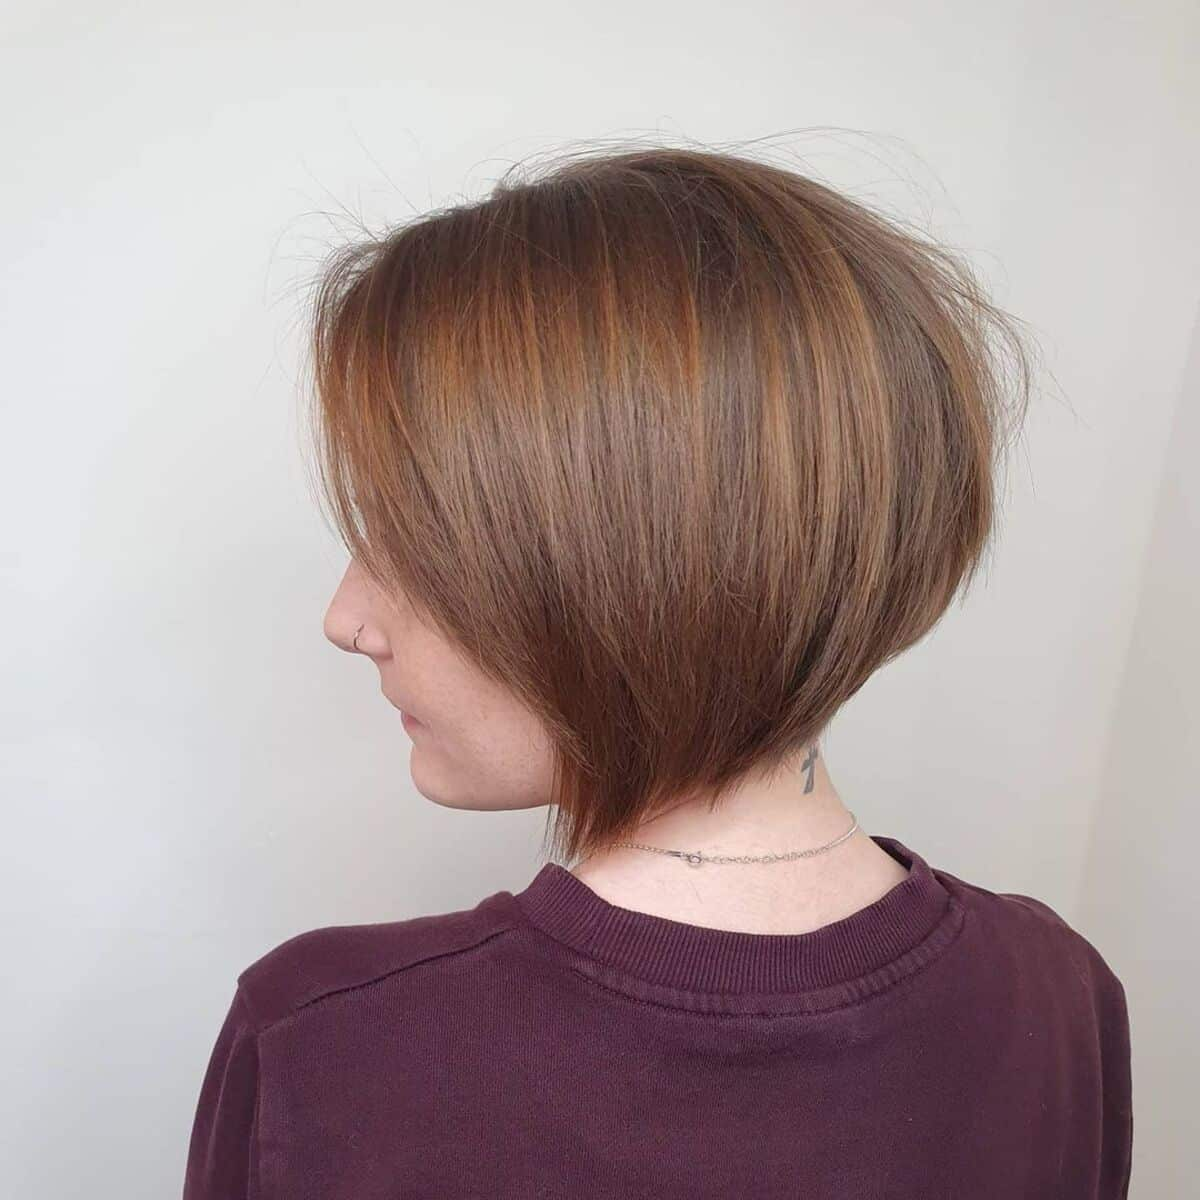 corte de pelo bob muy corto graduado